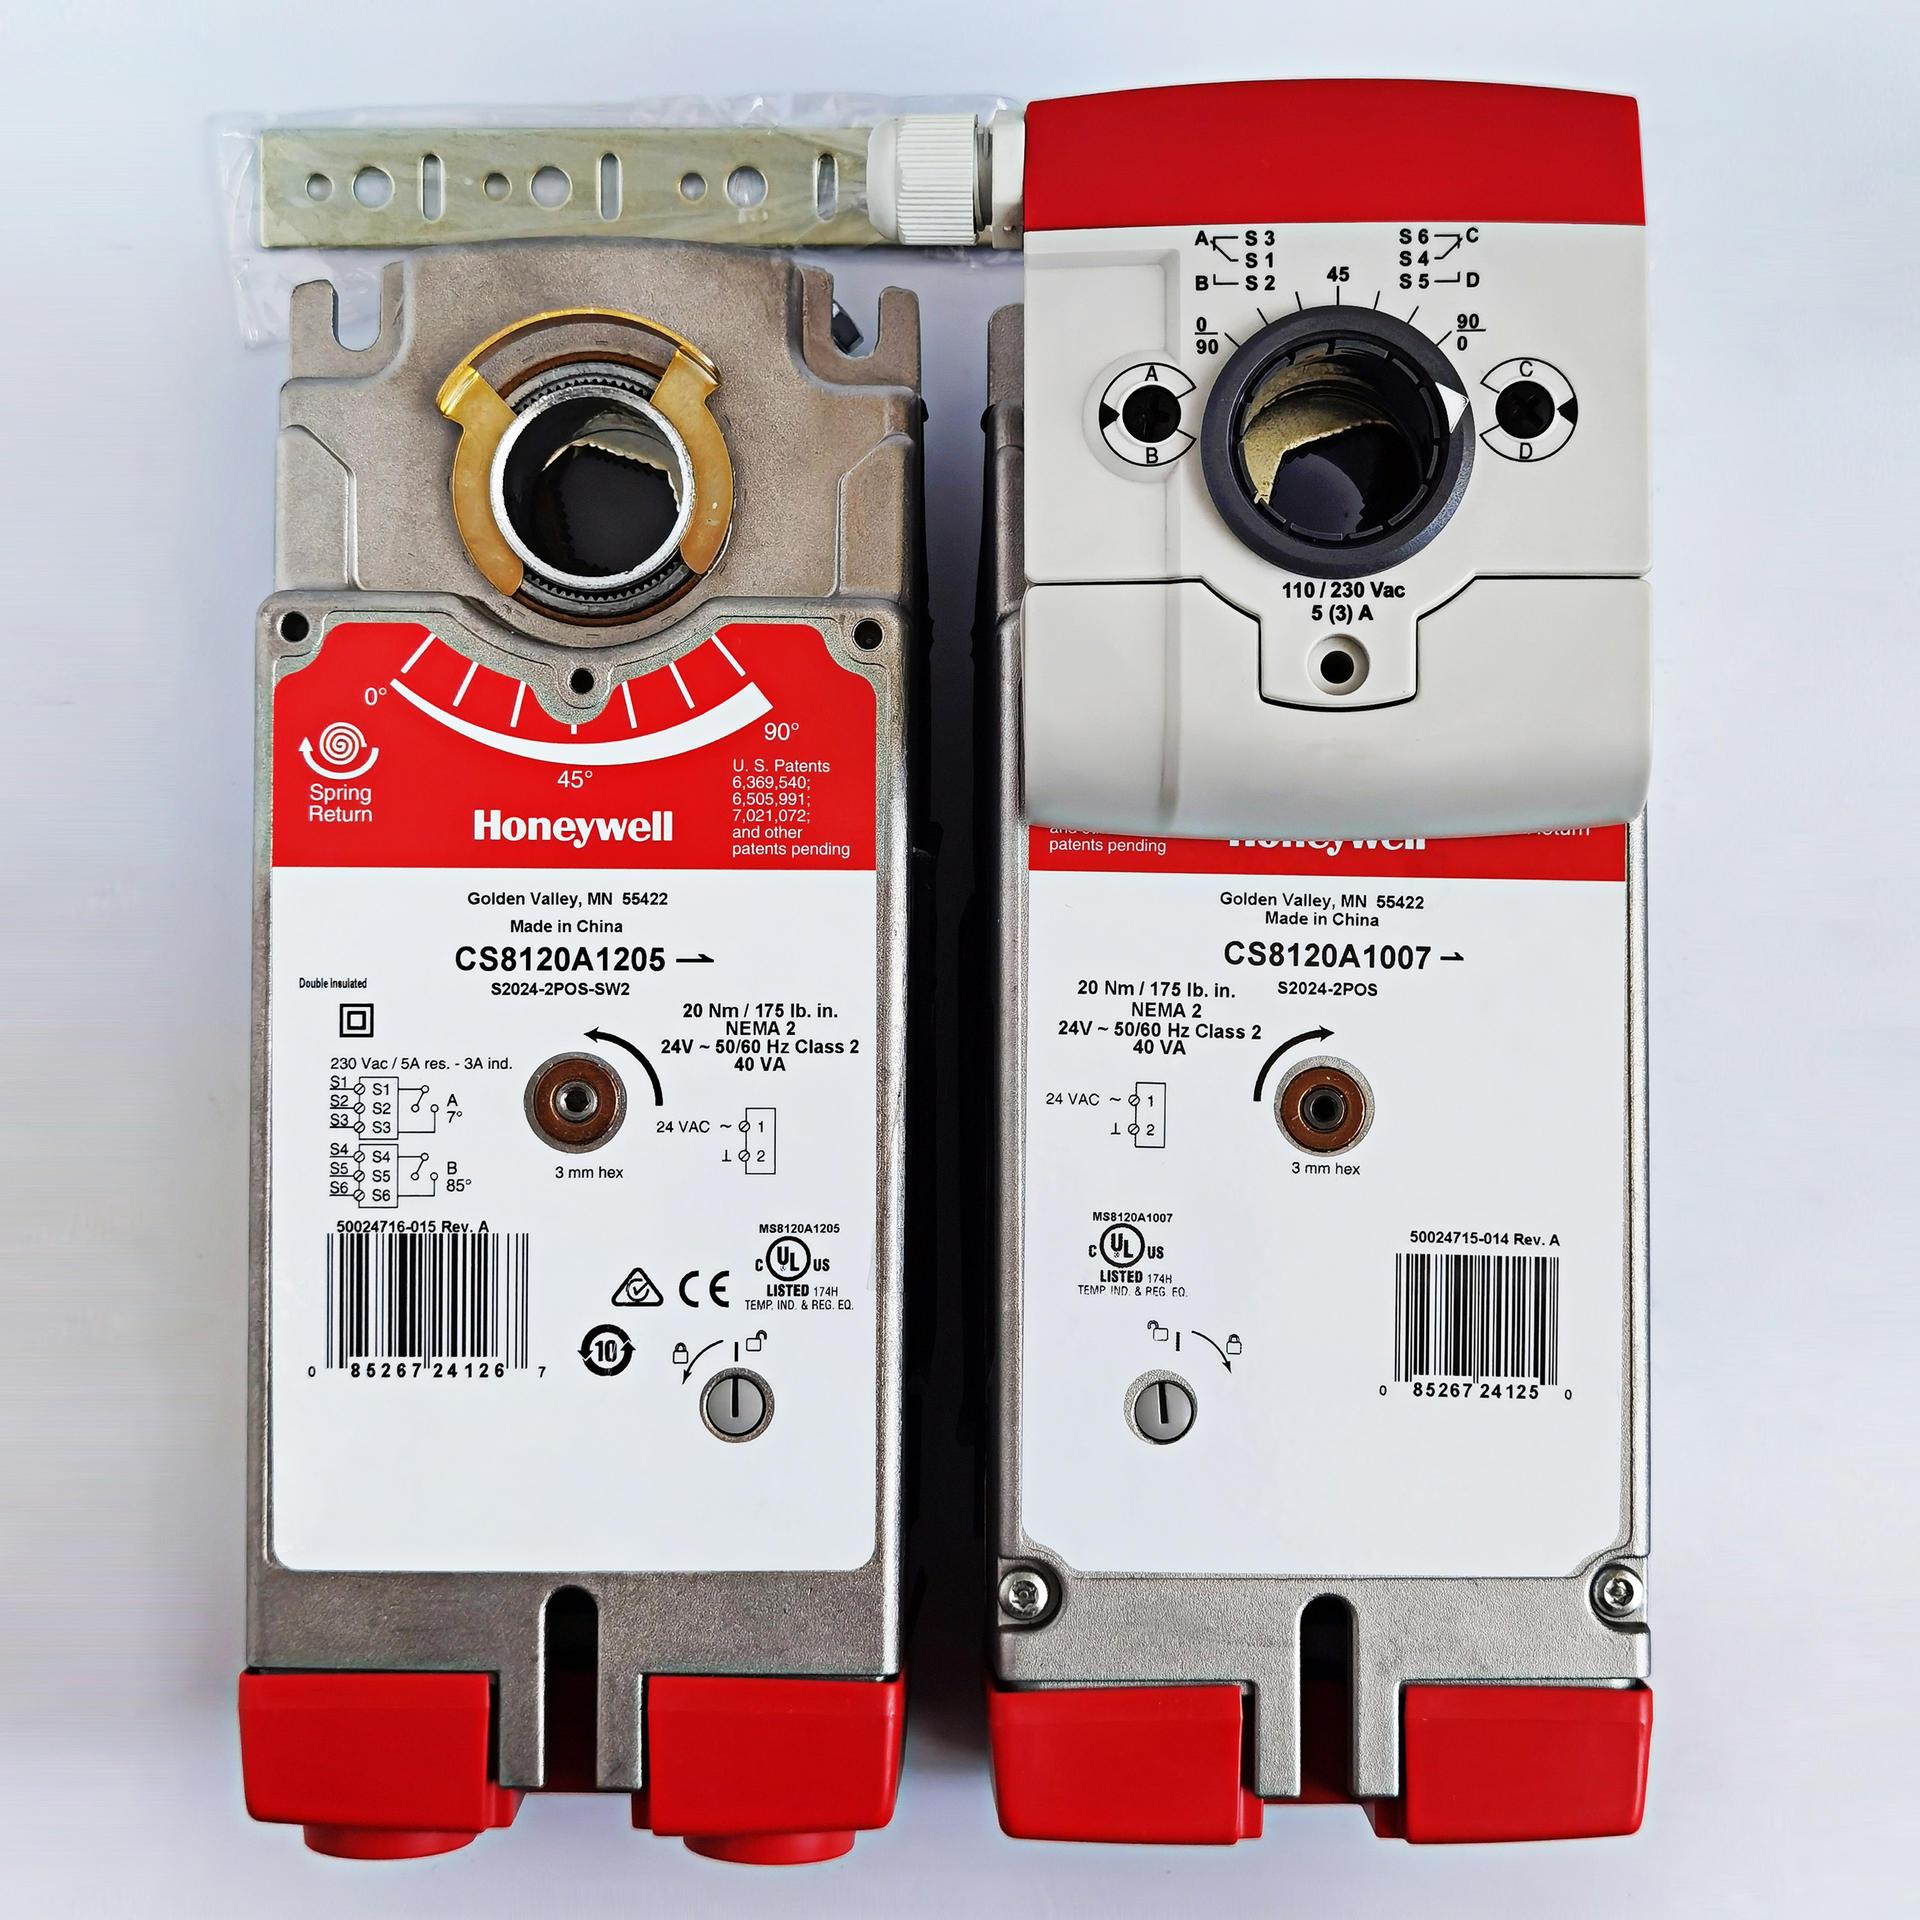 CS8120A1007 CS8120A1205 开关型弹簧复位风门执行器 03.jpg